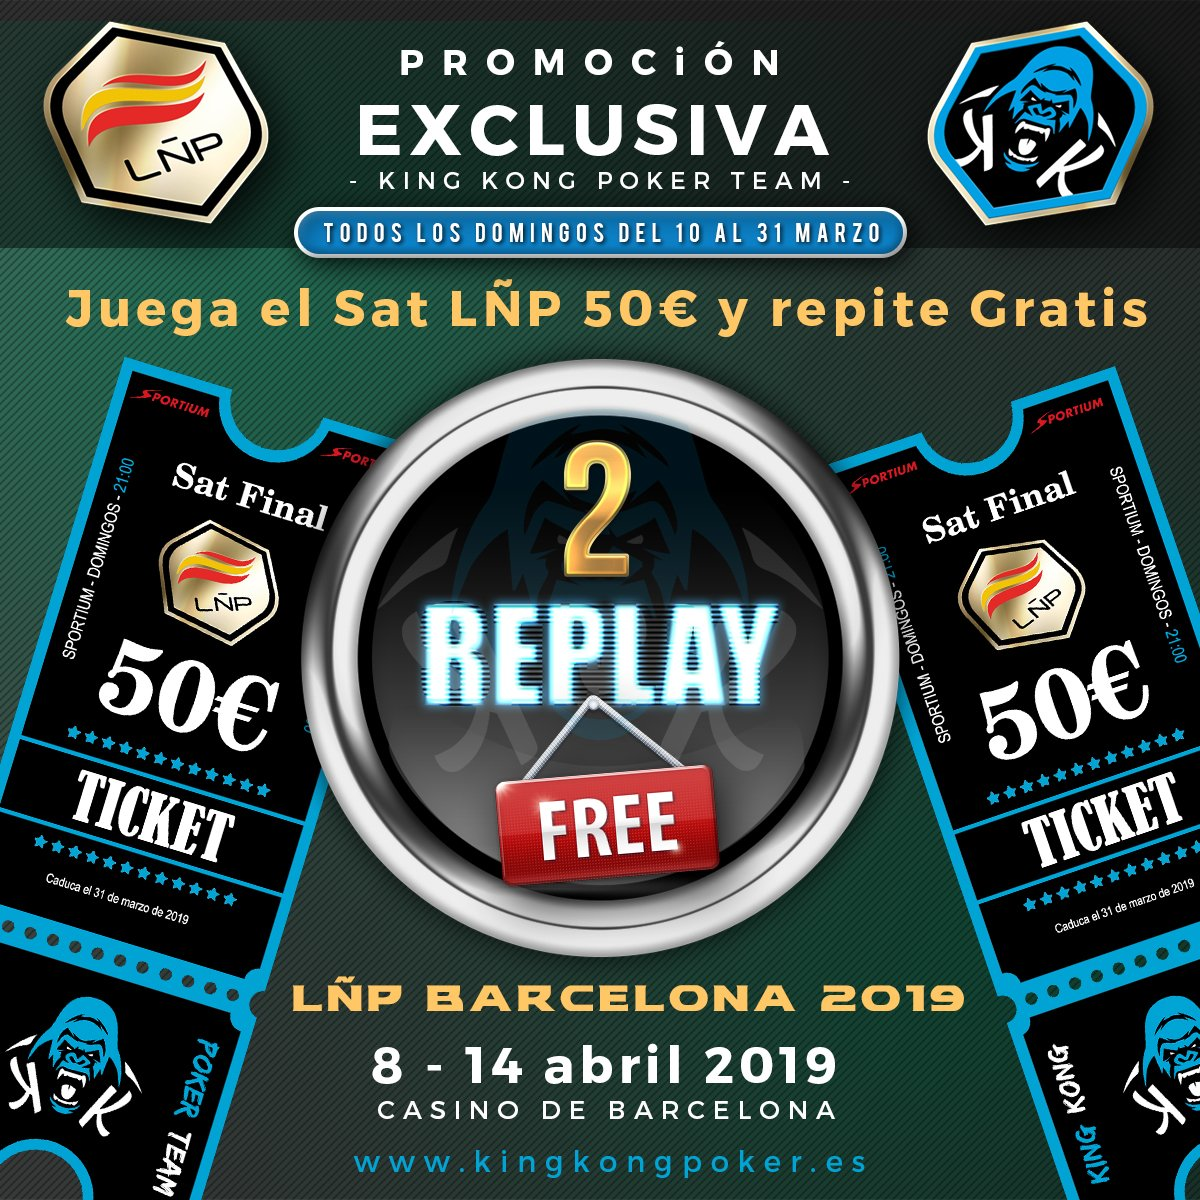 🚨 SUPER PROMO #2REPLAYFREE 50€ 🚨  #RoadTo #LÑP4 Barcelona @ligaESpoker  🔊 DOMINGO, 🕘 21:00 en al Sat 50€ 💶 LÑP @sportium , regalaremos DOS tokens 🎟️de 50€ a los 2 mejores 🦍#KinKones clasificados que no obtengan premio #BurbujaKinKon  🔽Info http://kingkongpoker.es/promociones-liga-espanola-poker/…